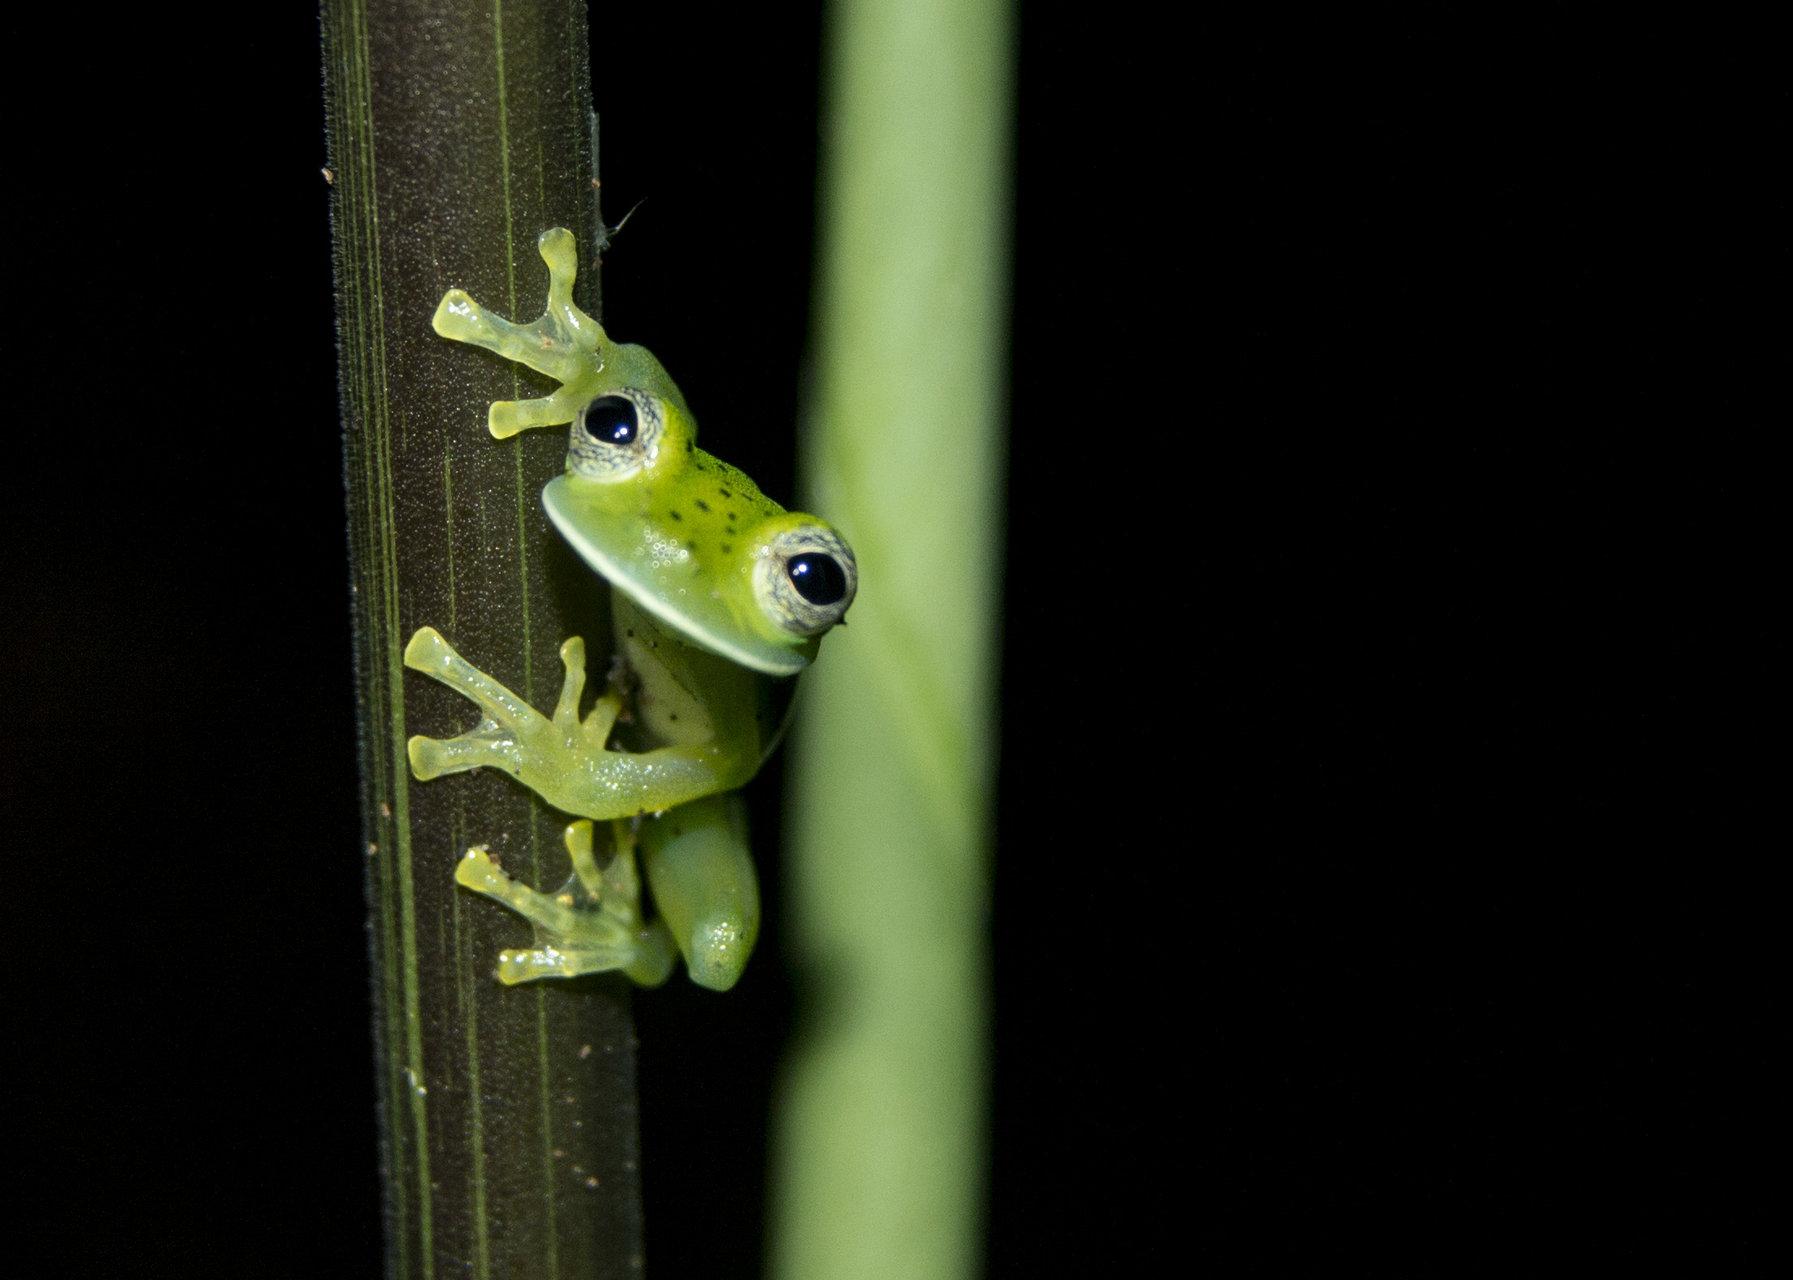 Cute frog 1   Author Stanimira Deleva - viperaaspis   PHOTO FORUM